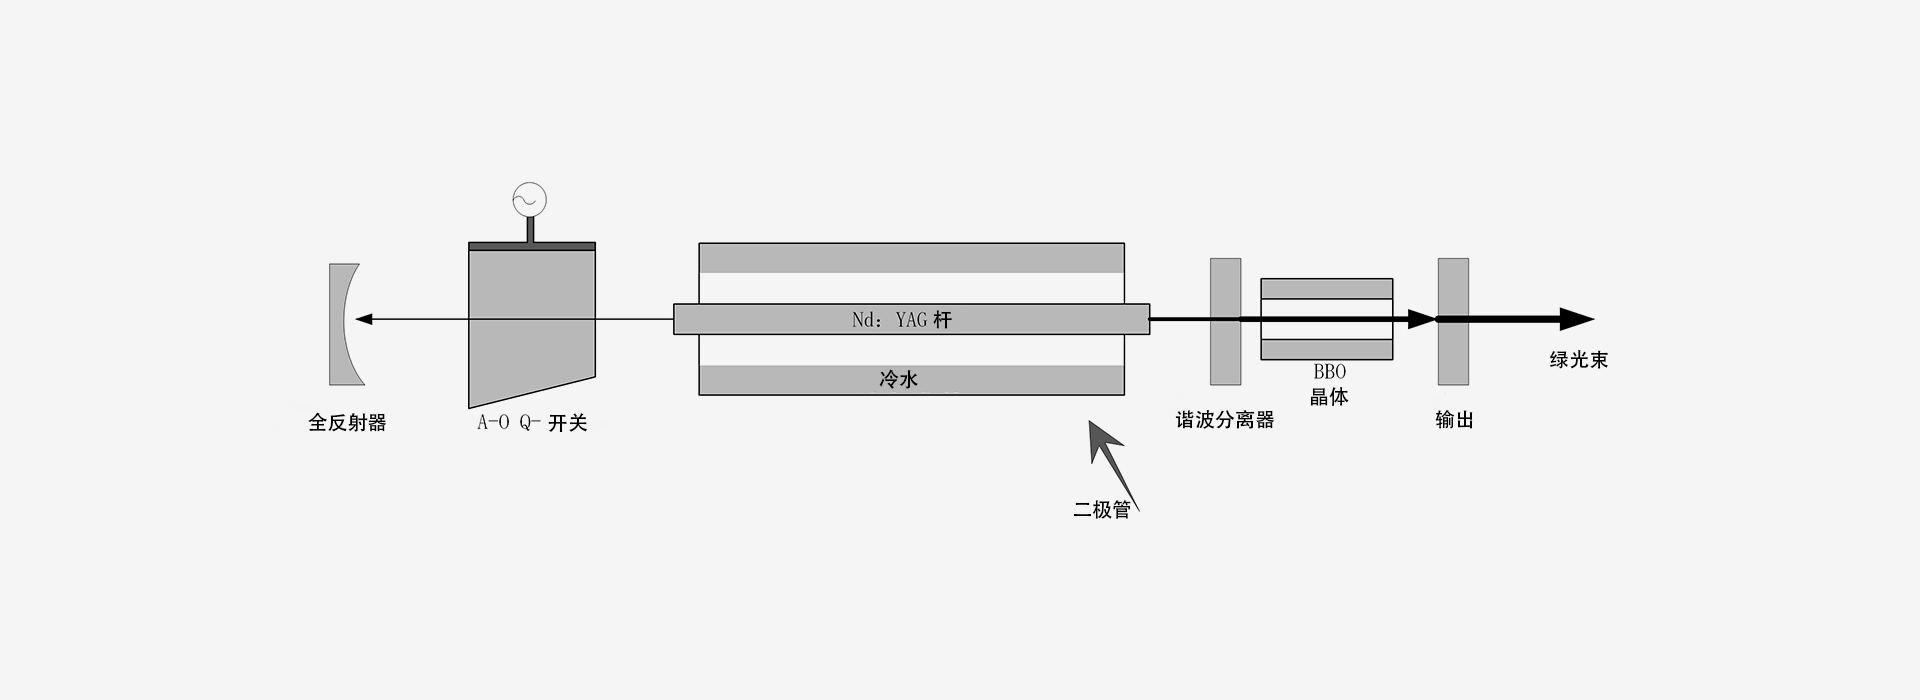 532nm-激光器原理图-南京光宝-CRYLINK